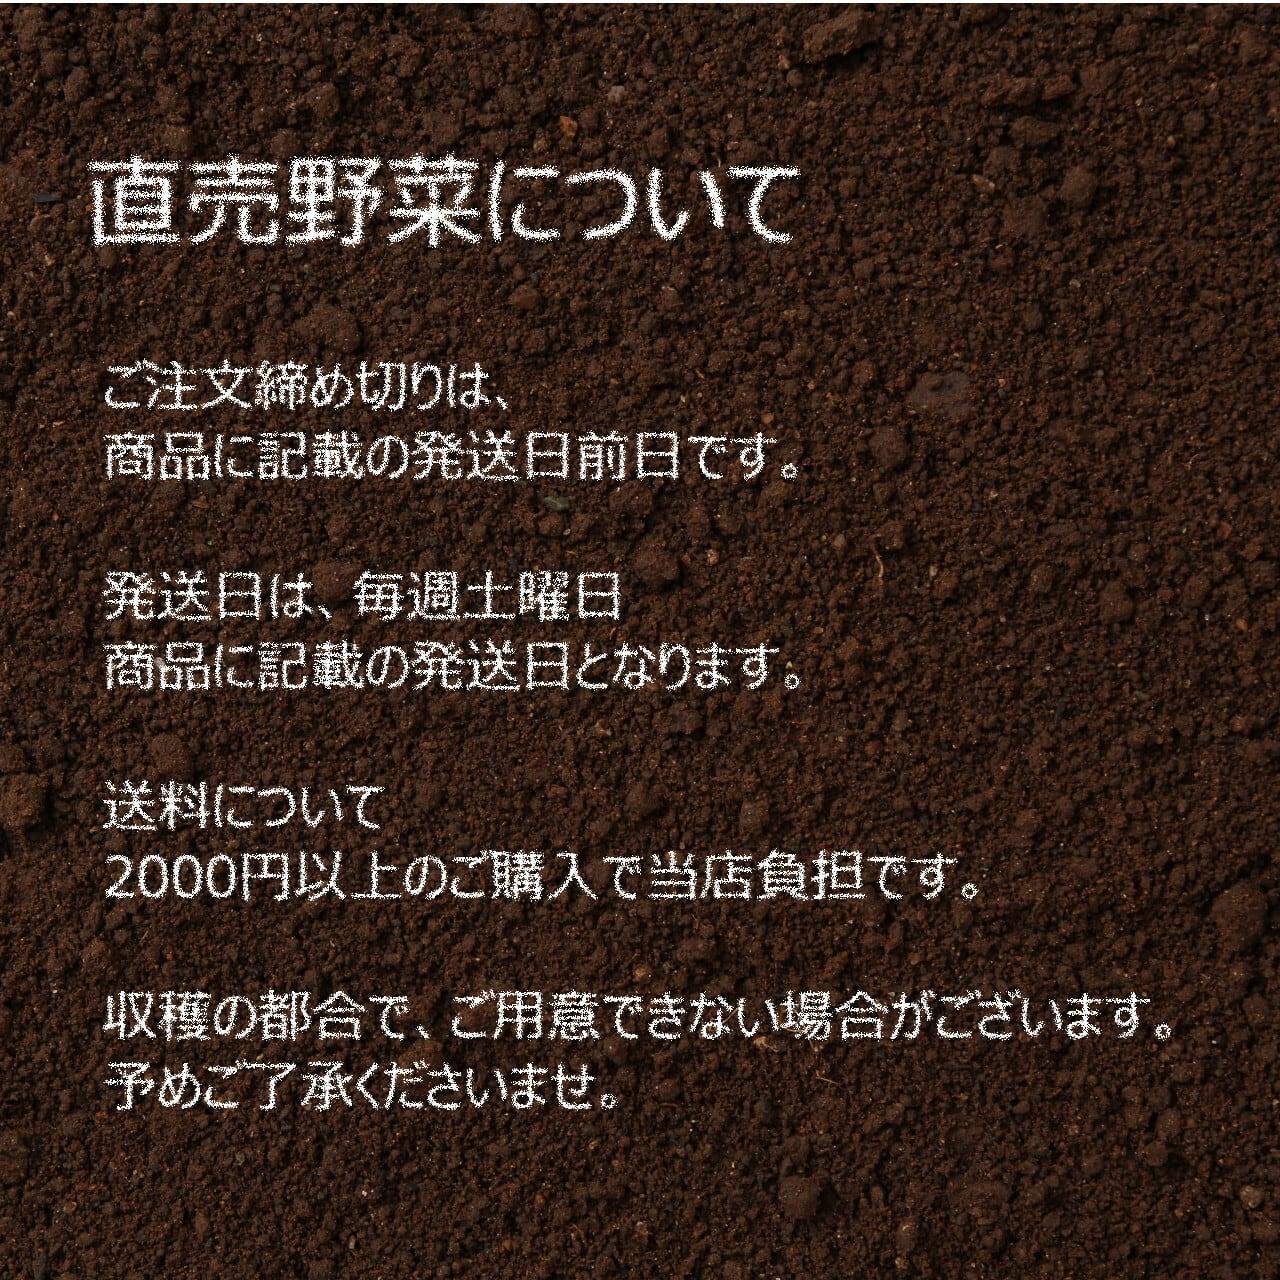 新鮮な秋野菜 : ニラ 約200g 9月の朝採り直売野菜 9月5日発送予定